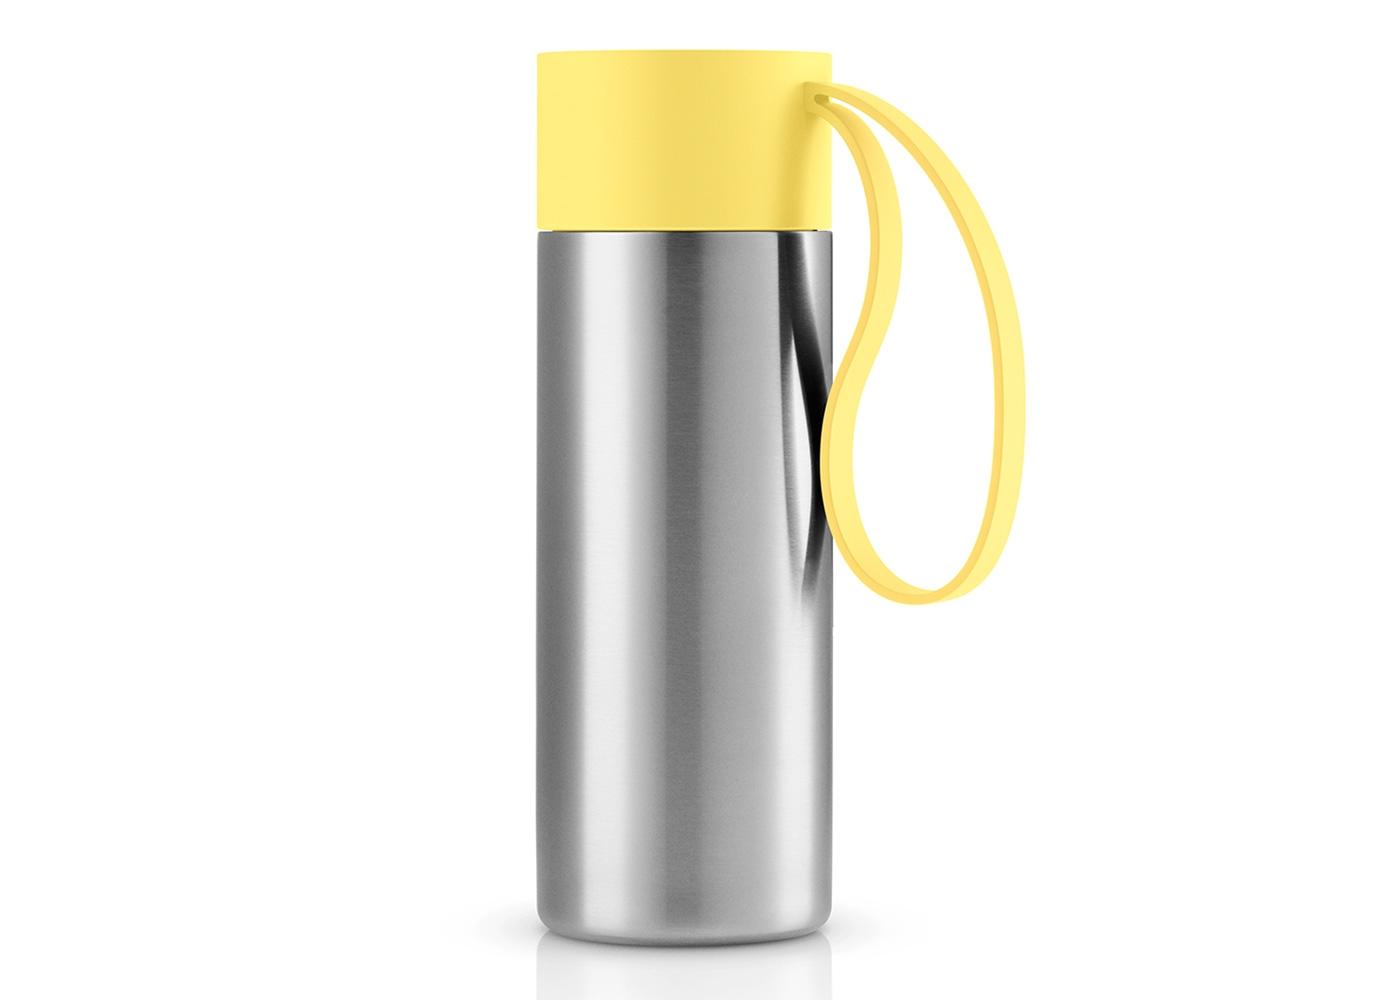 Термос To goТермосы<br>Термос, который можно брать с собой куда угодно. Крышка легко открывается и закрывается даже на ходу благодаря функциональному клапану, с которым легко справиться одной рукой. Наполните термос To Go кофе или другим напитком - и двойные герметичные стенки надёжно сохранят напиток горячим или холодным. Практичный силиконовый ремешок поможет взять термос с собой и всегда иметь возможность выпить горячего или холодного напитка.<br>Изготовлен из стали, пластика и силикона. Можно мыть в посудомоечной машине.&amp;amp;nbsp;&amp;lt;div&amp;gt;&amp;lt;br&amp;gt;&amp;lt;/div&amp;gt;&amp;lt;div&amp;gt;Объём 350 мл.&amp;amp;nbsp;&amp;lt;/div&amp;gt;<br><br>Material: Металл<br>Height см: 20,8<br>Diameter см: 7,7